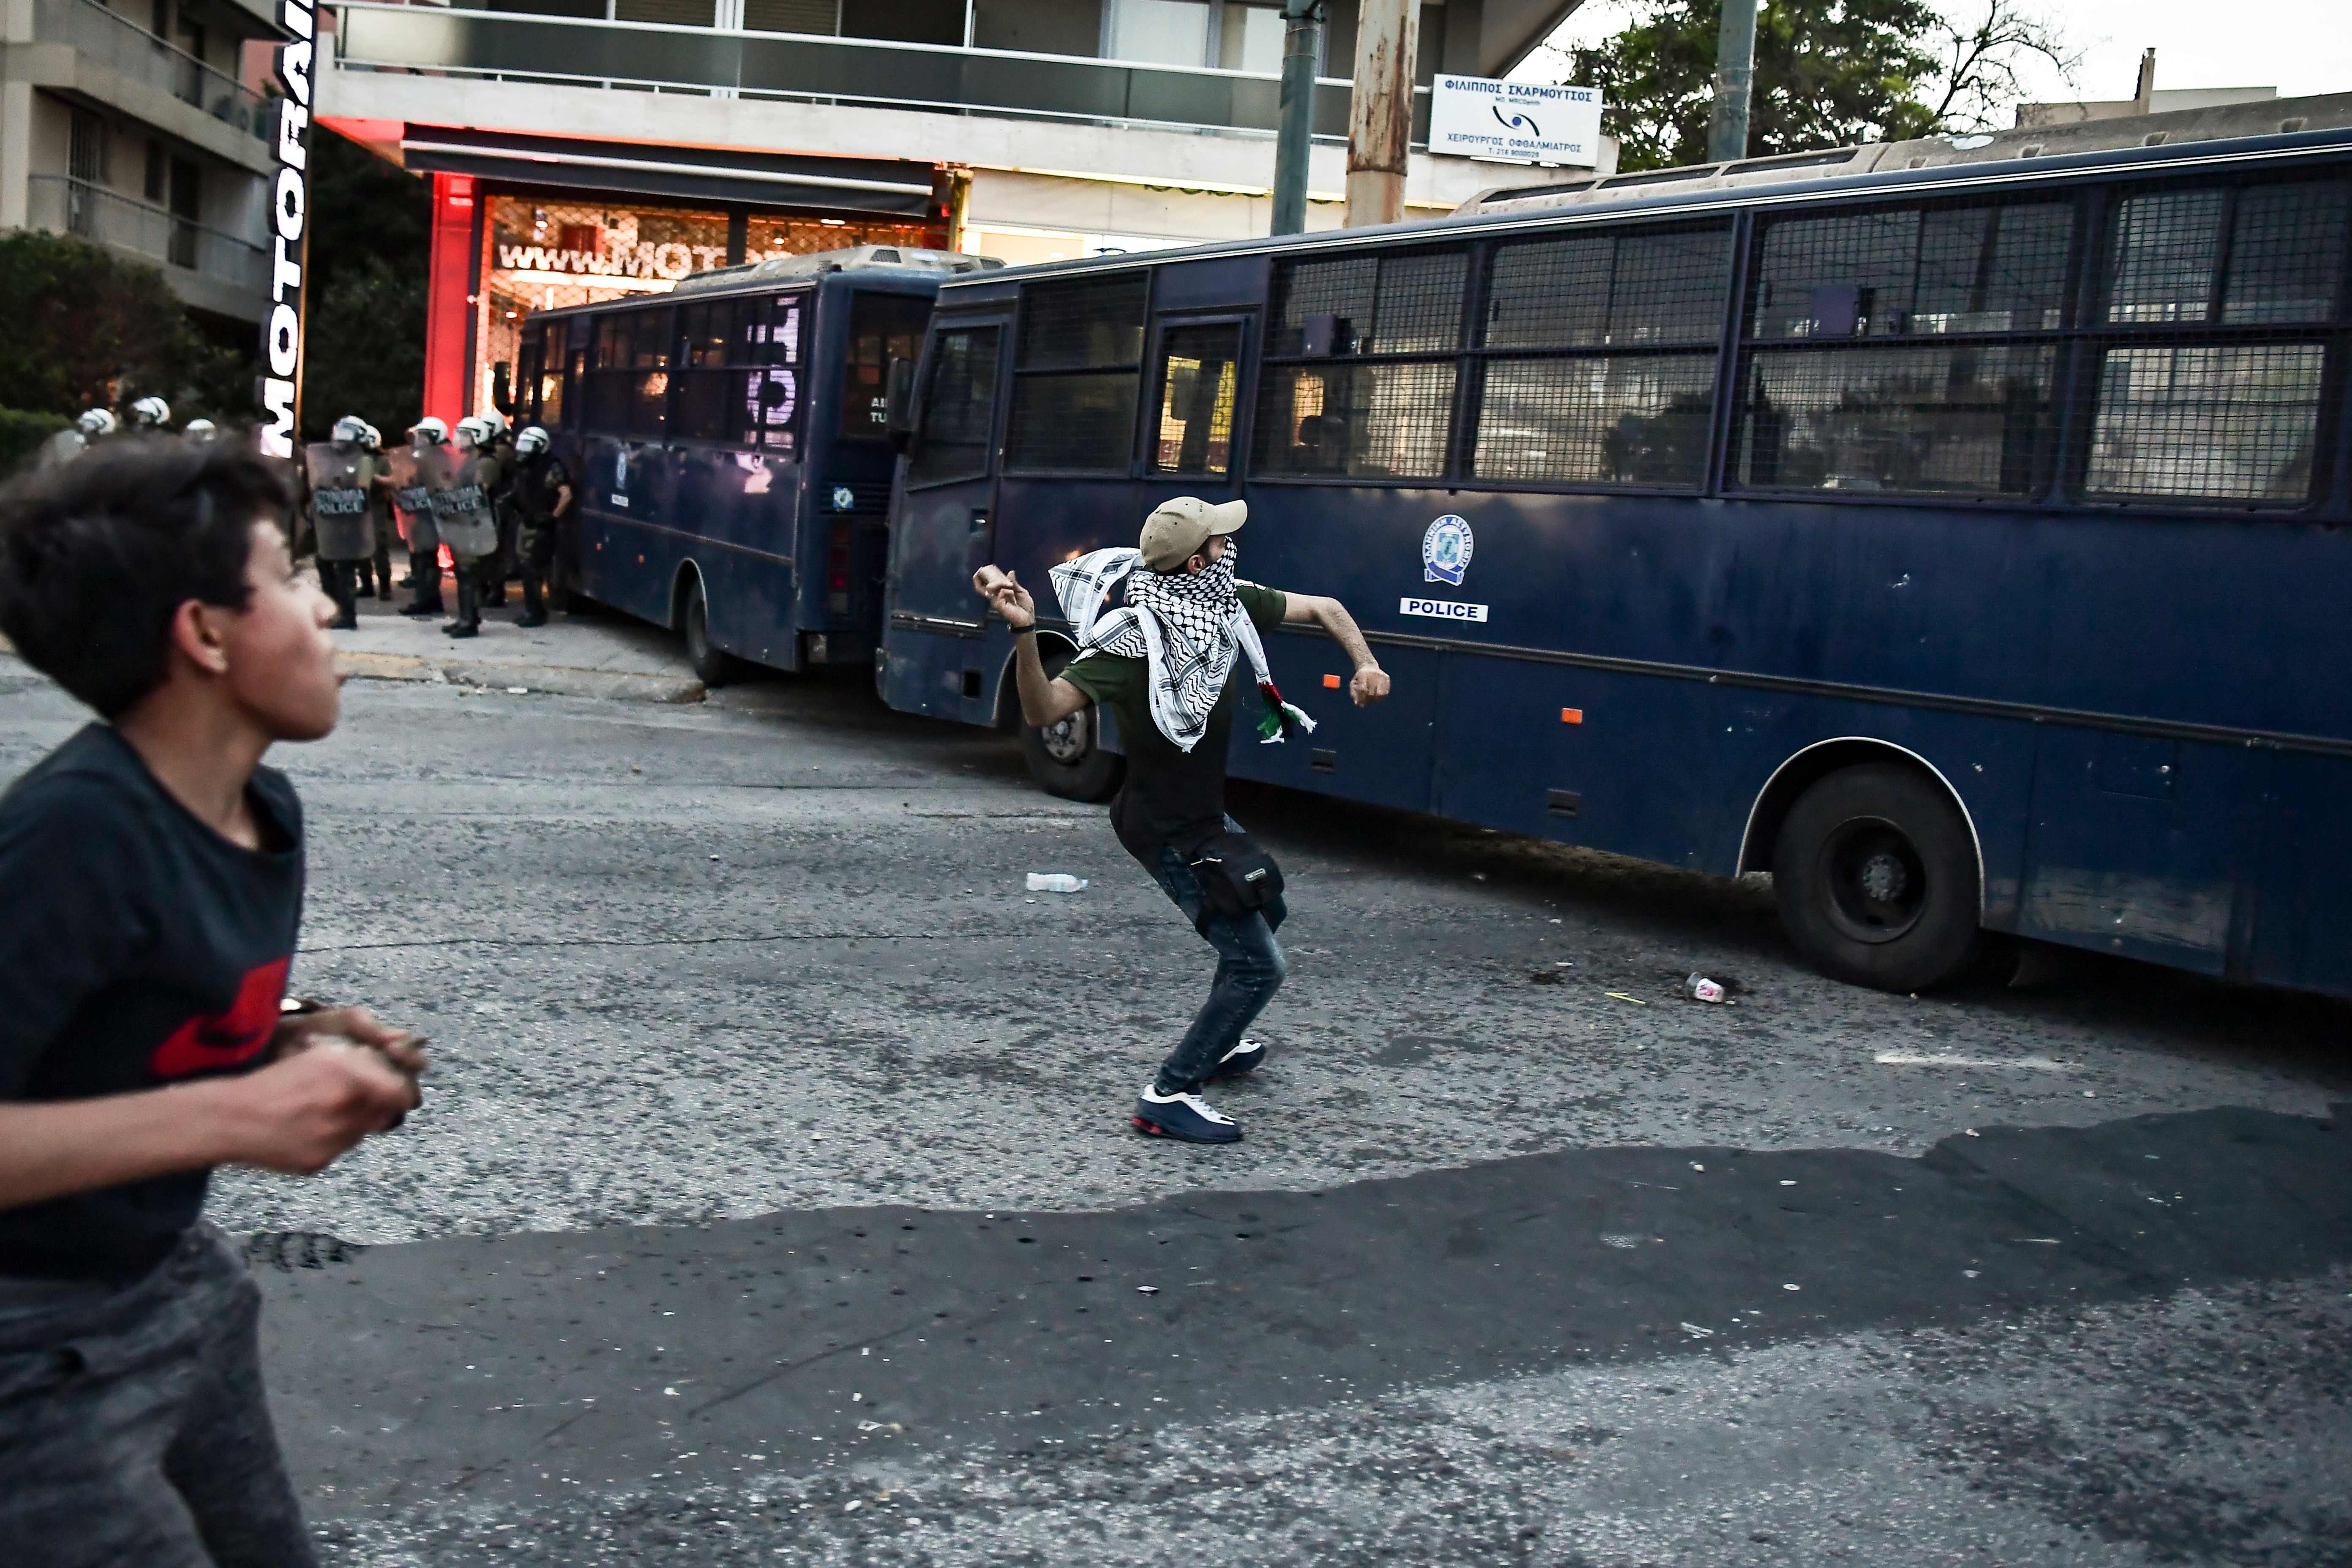 متظاهرون يرشقون السفارة الإسرائيلية بالحجارة فى اليونان